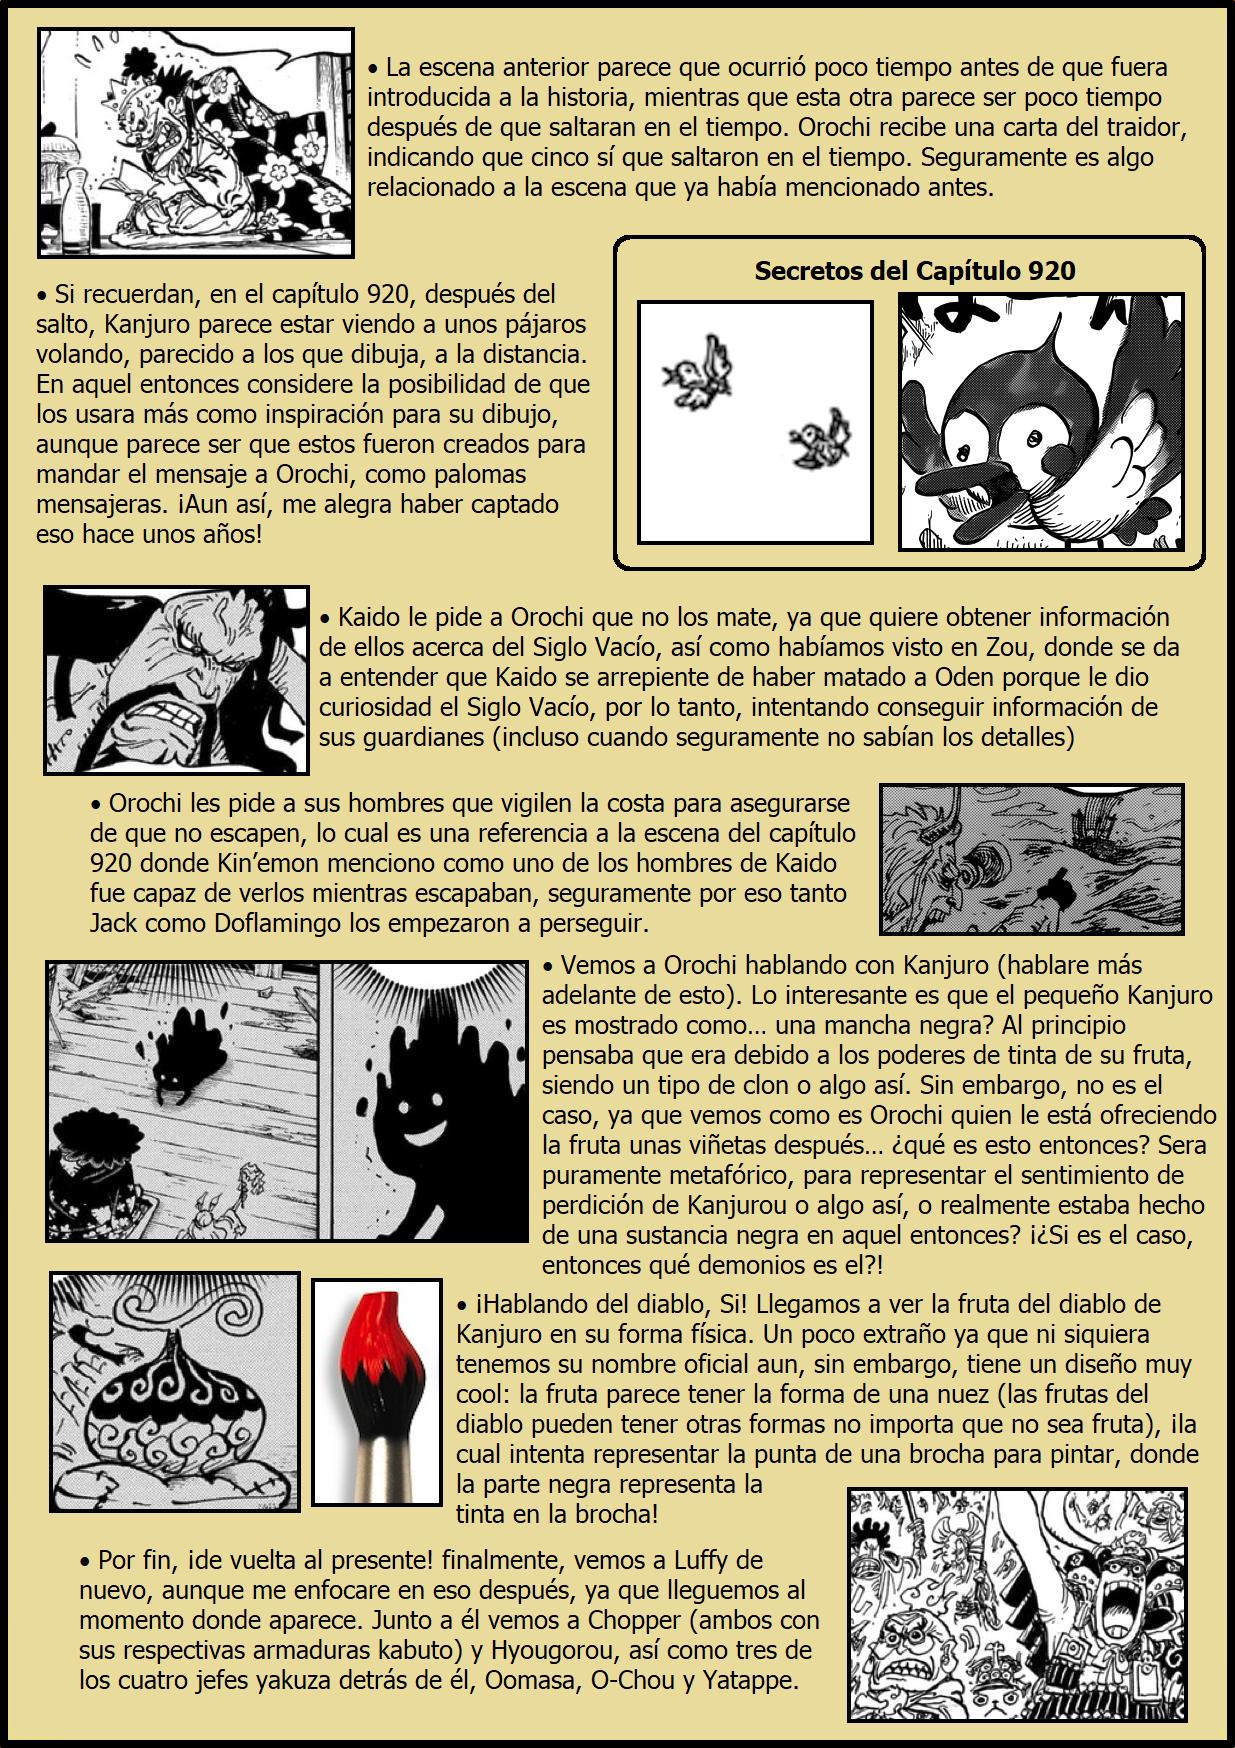 Secretos & Curiosidades - One Piece Manga 974 02